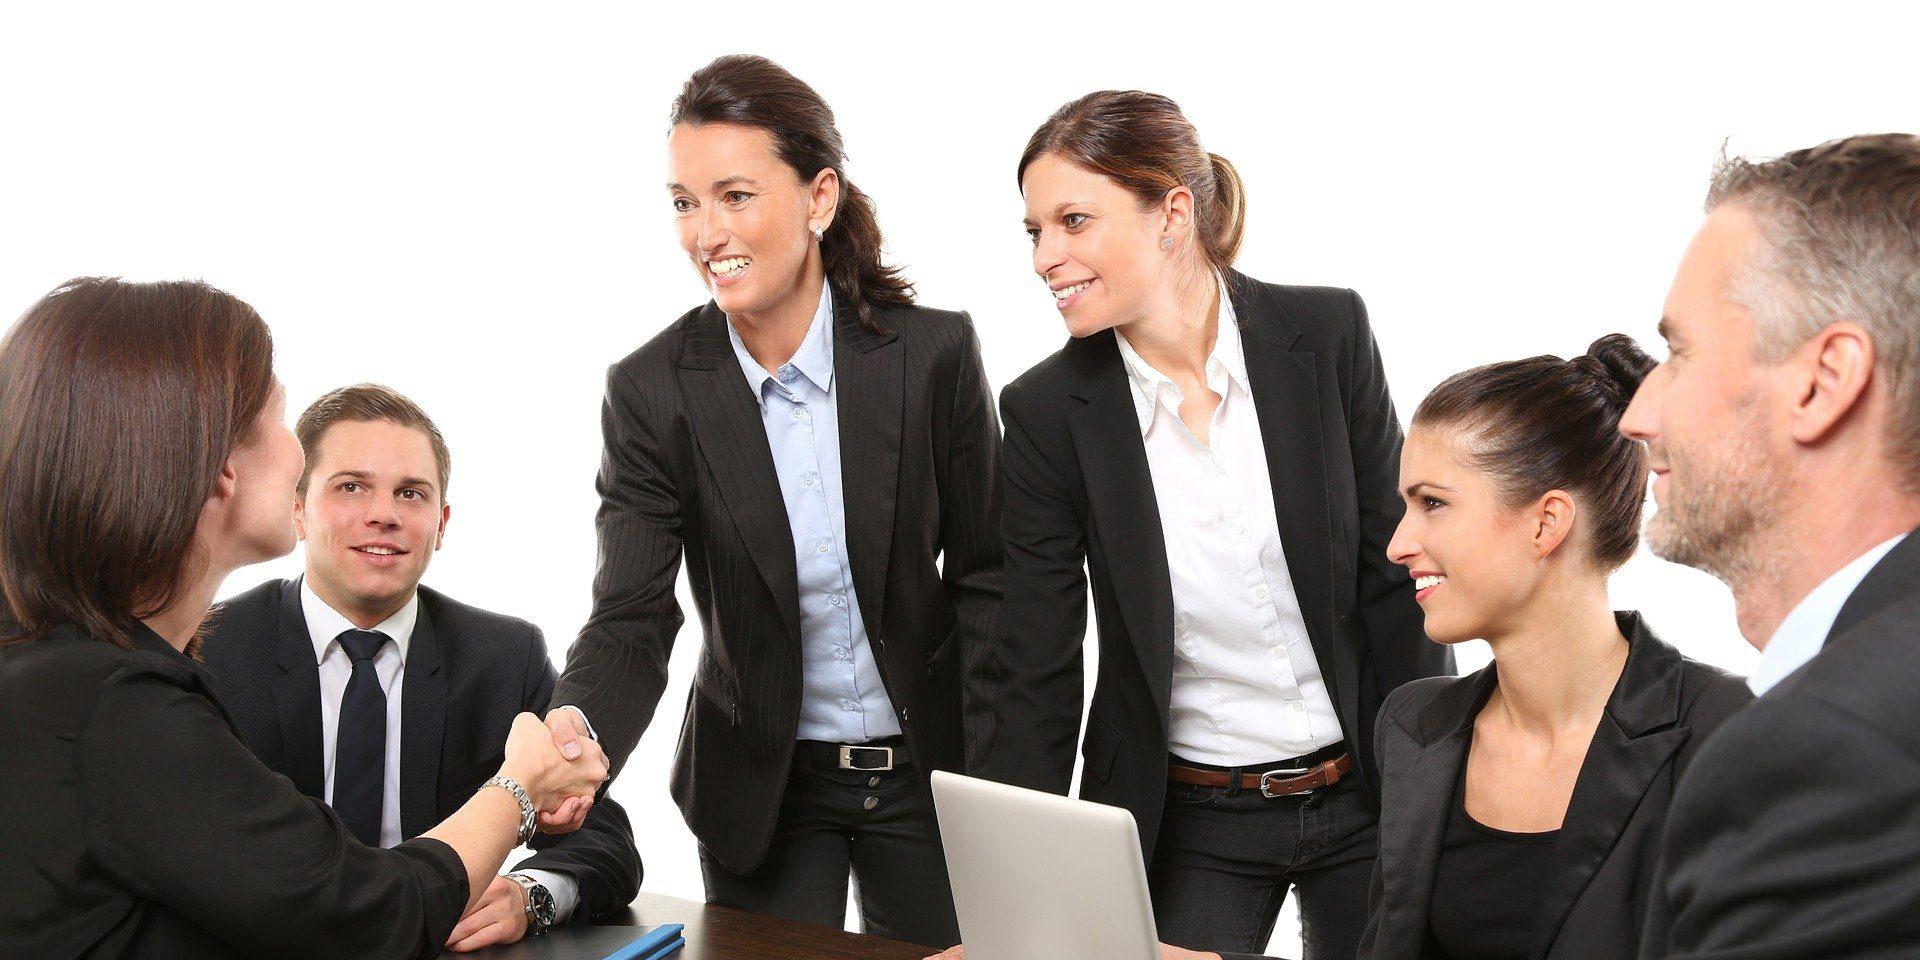 Yếu tố văn hóa doanh nghiệp tích cực và vững chắc: 8 điều cần biết